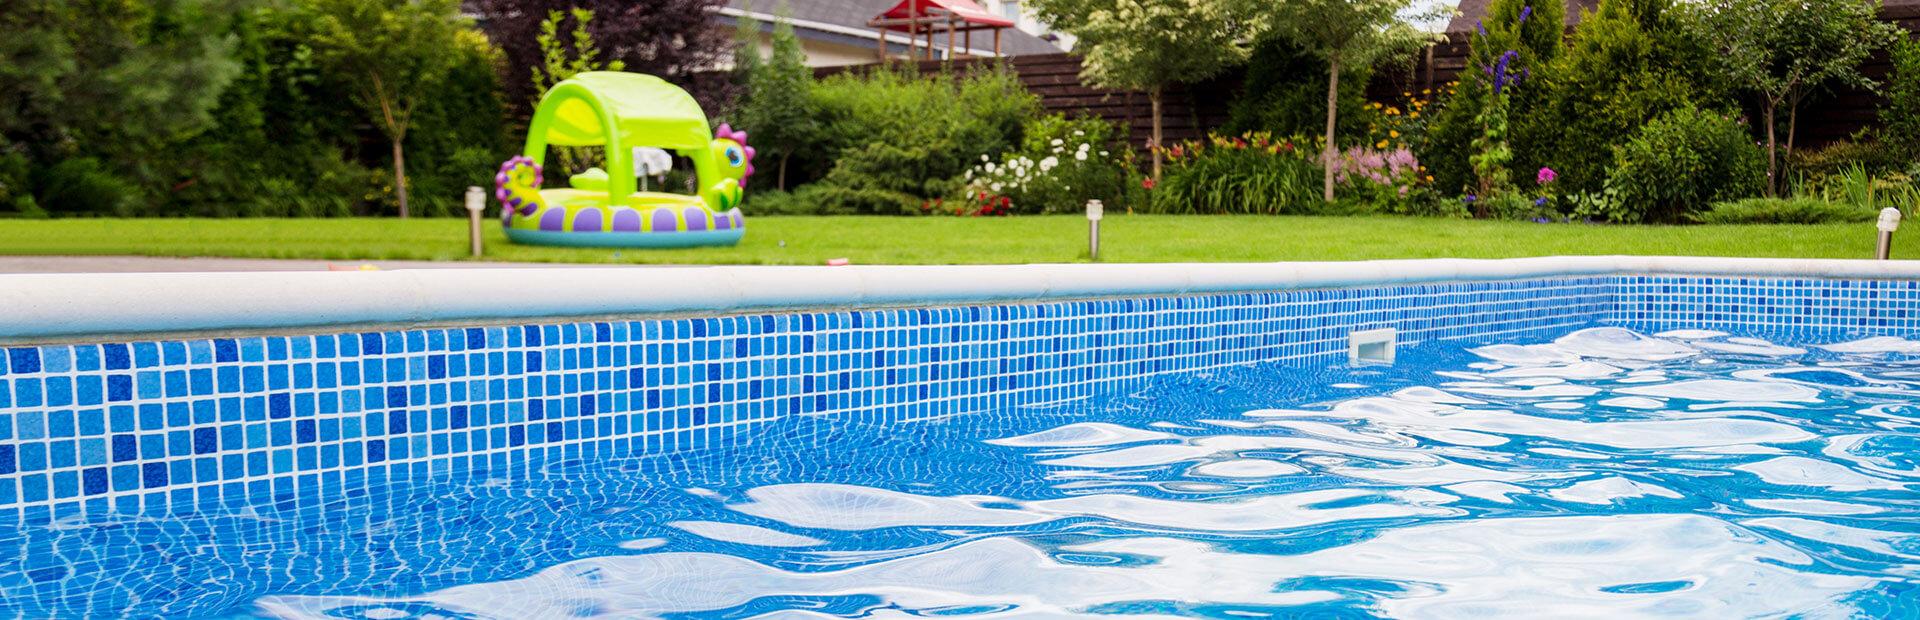 Custom Pools - Southlake, Keller, Trophy Club